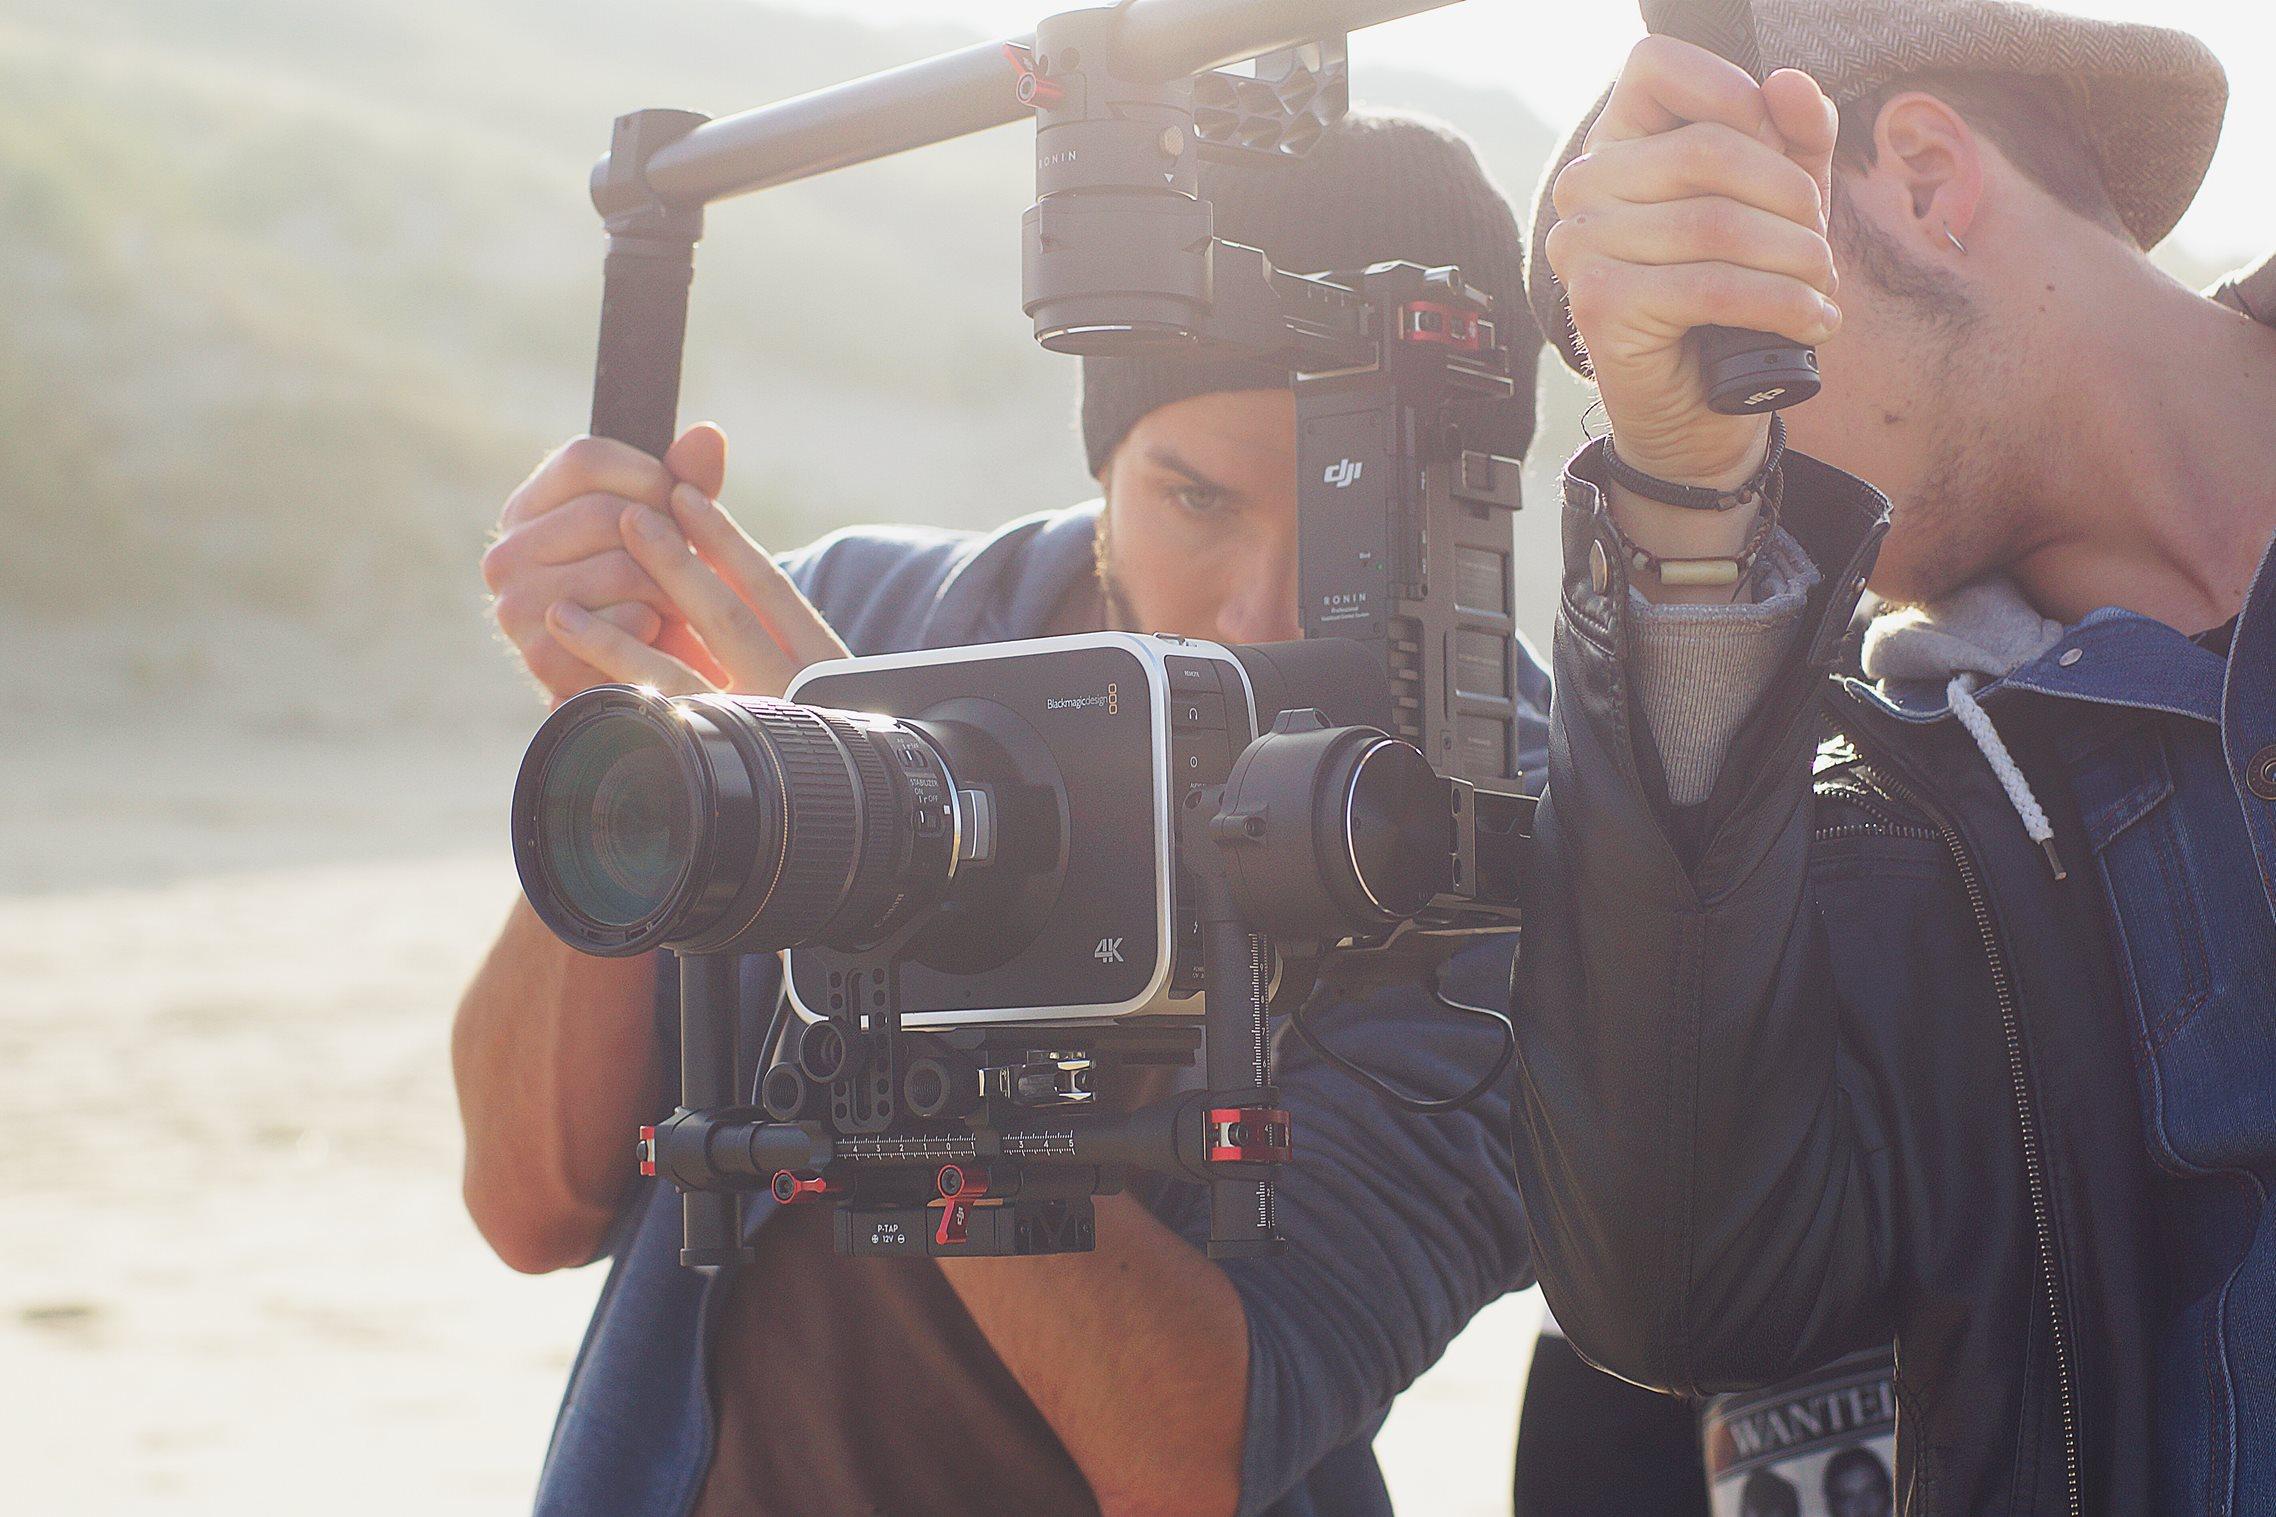 Tournage Court-métrage - I.Shot Films